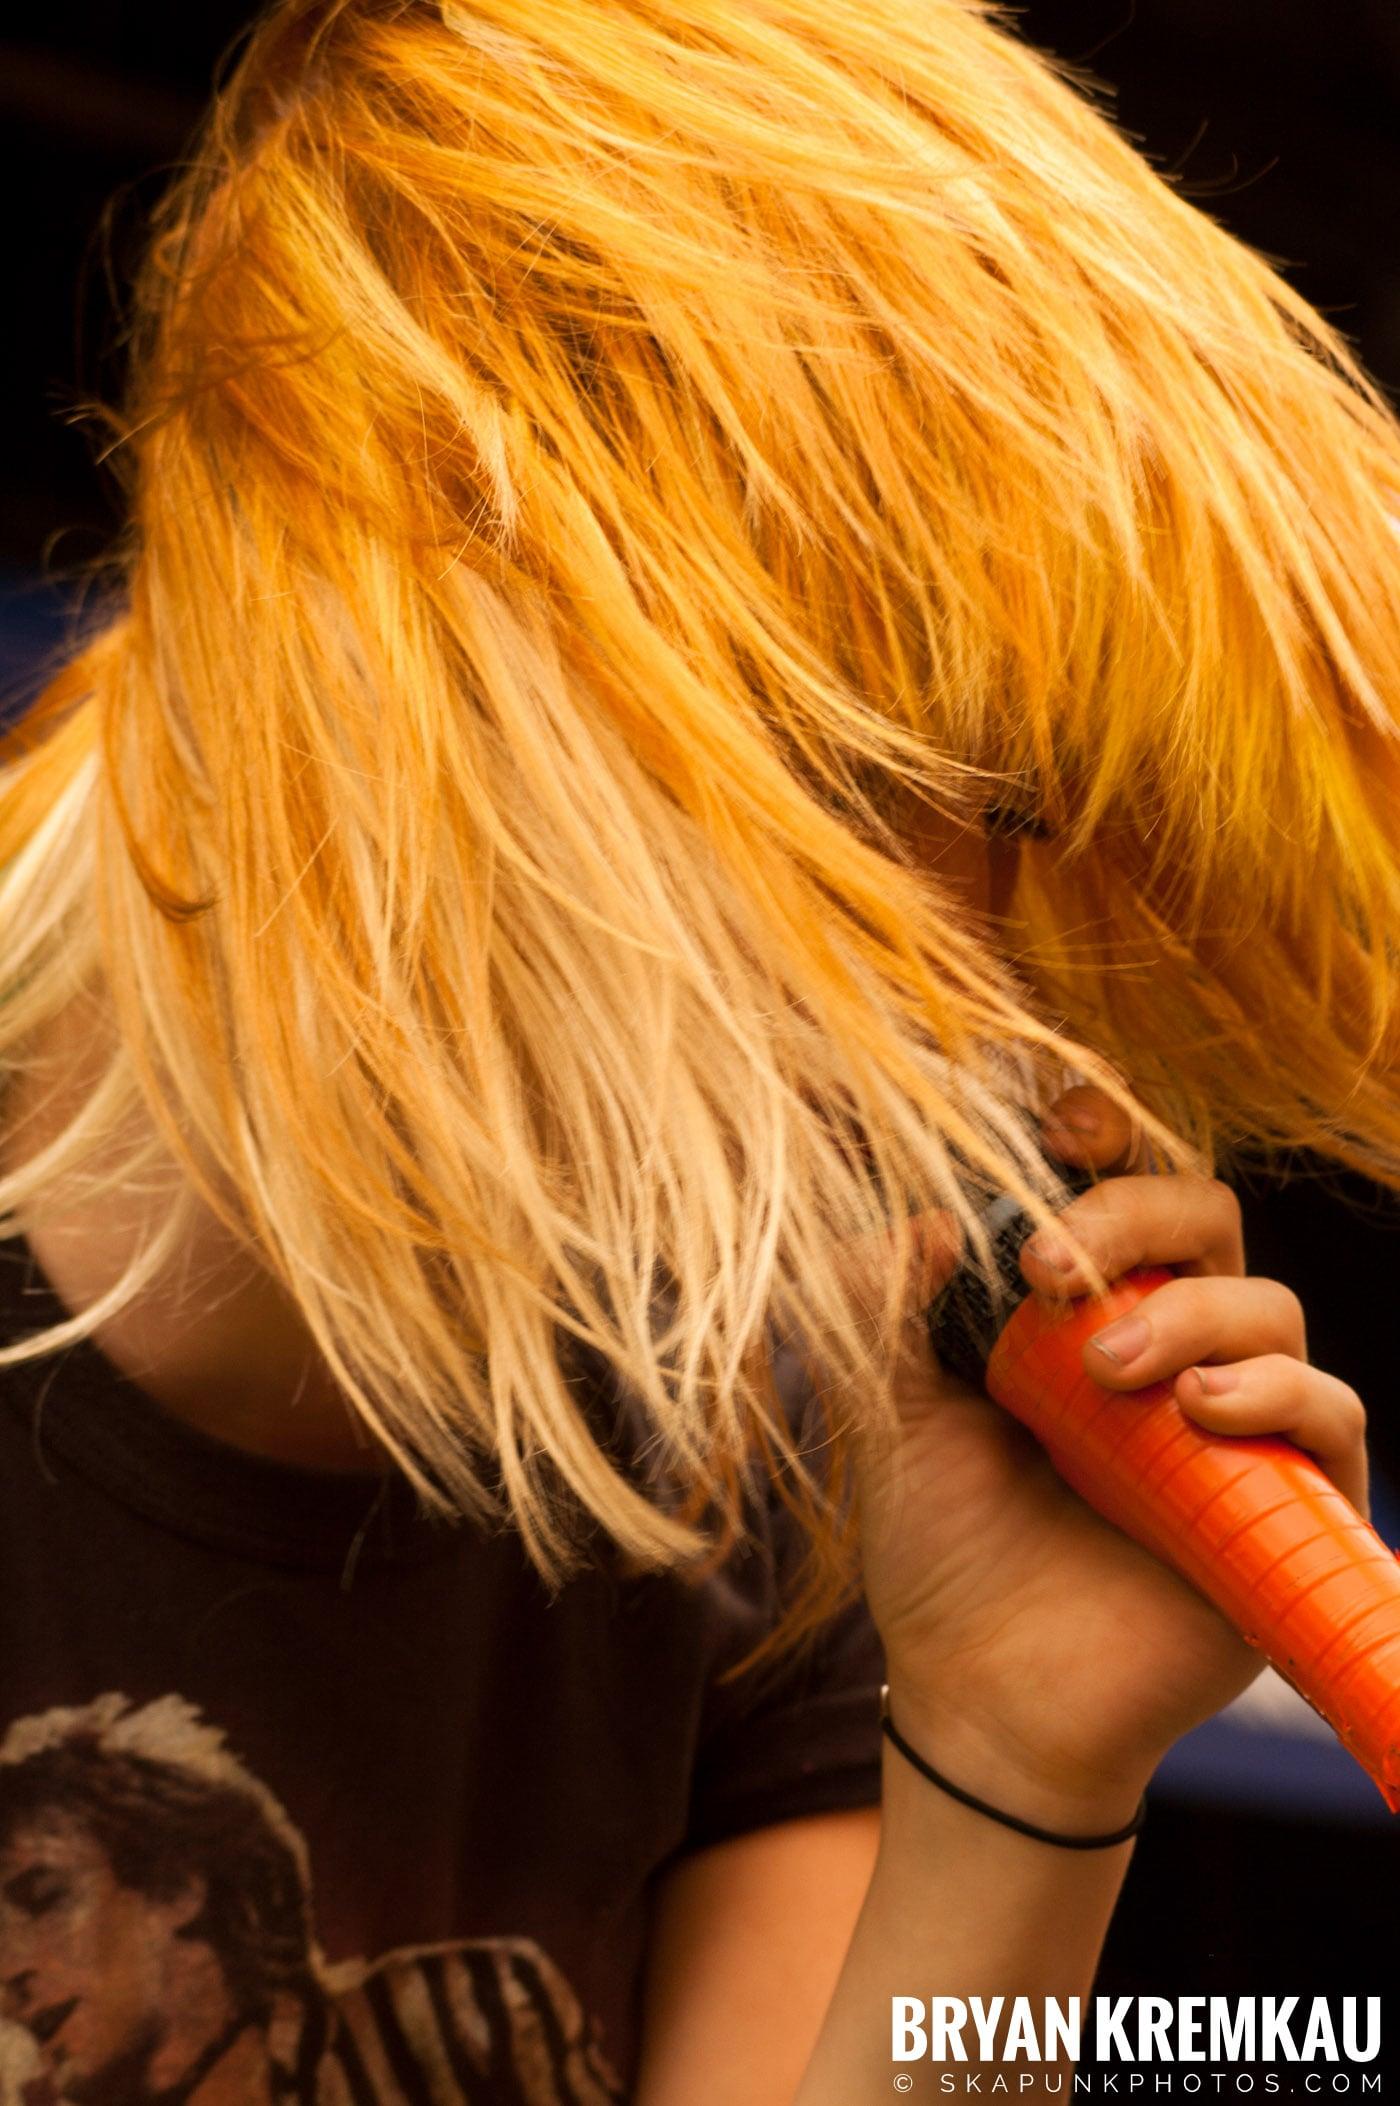 Paramore @ Warped Tour 2007, Scranton PA - 7.26.07 (3)